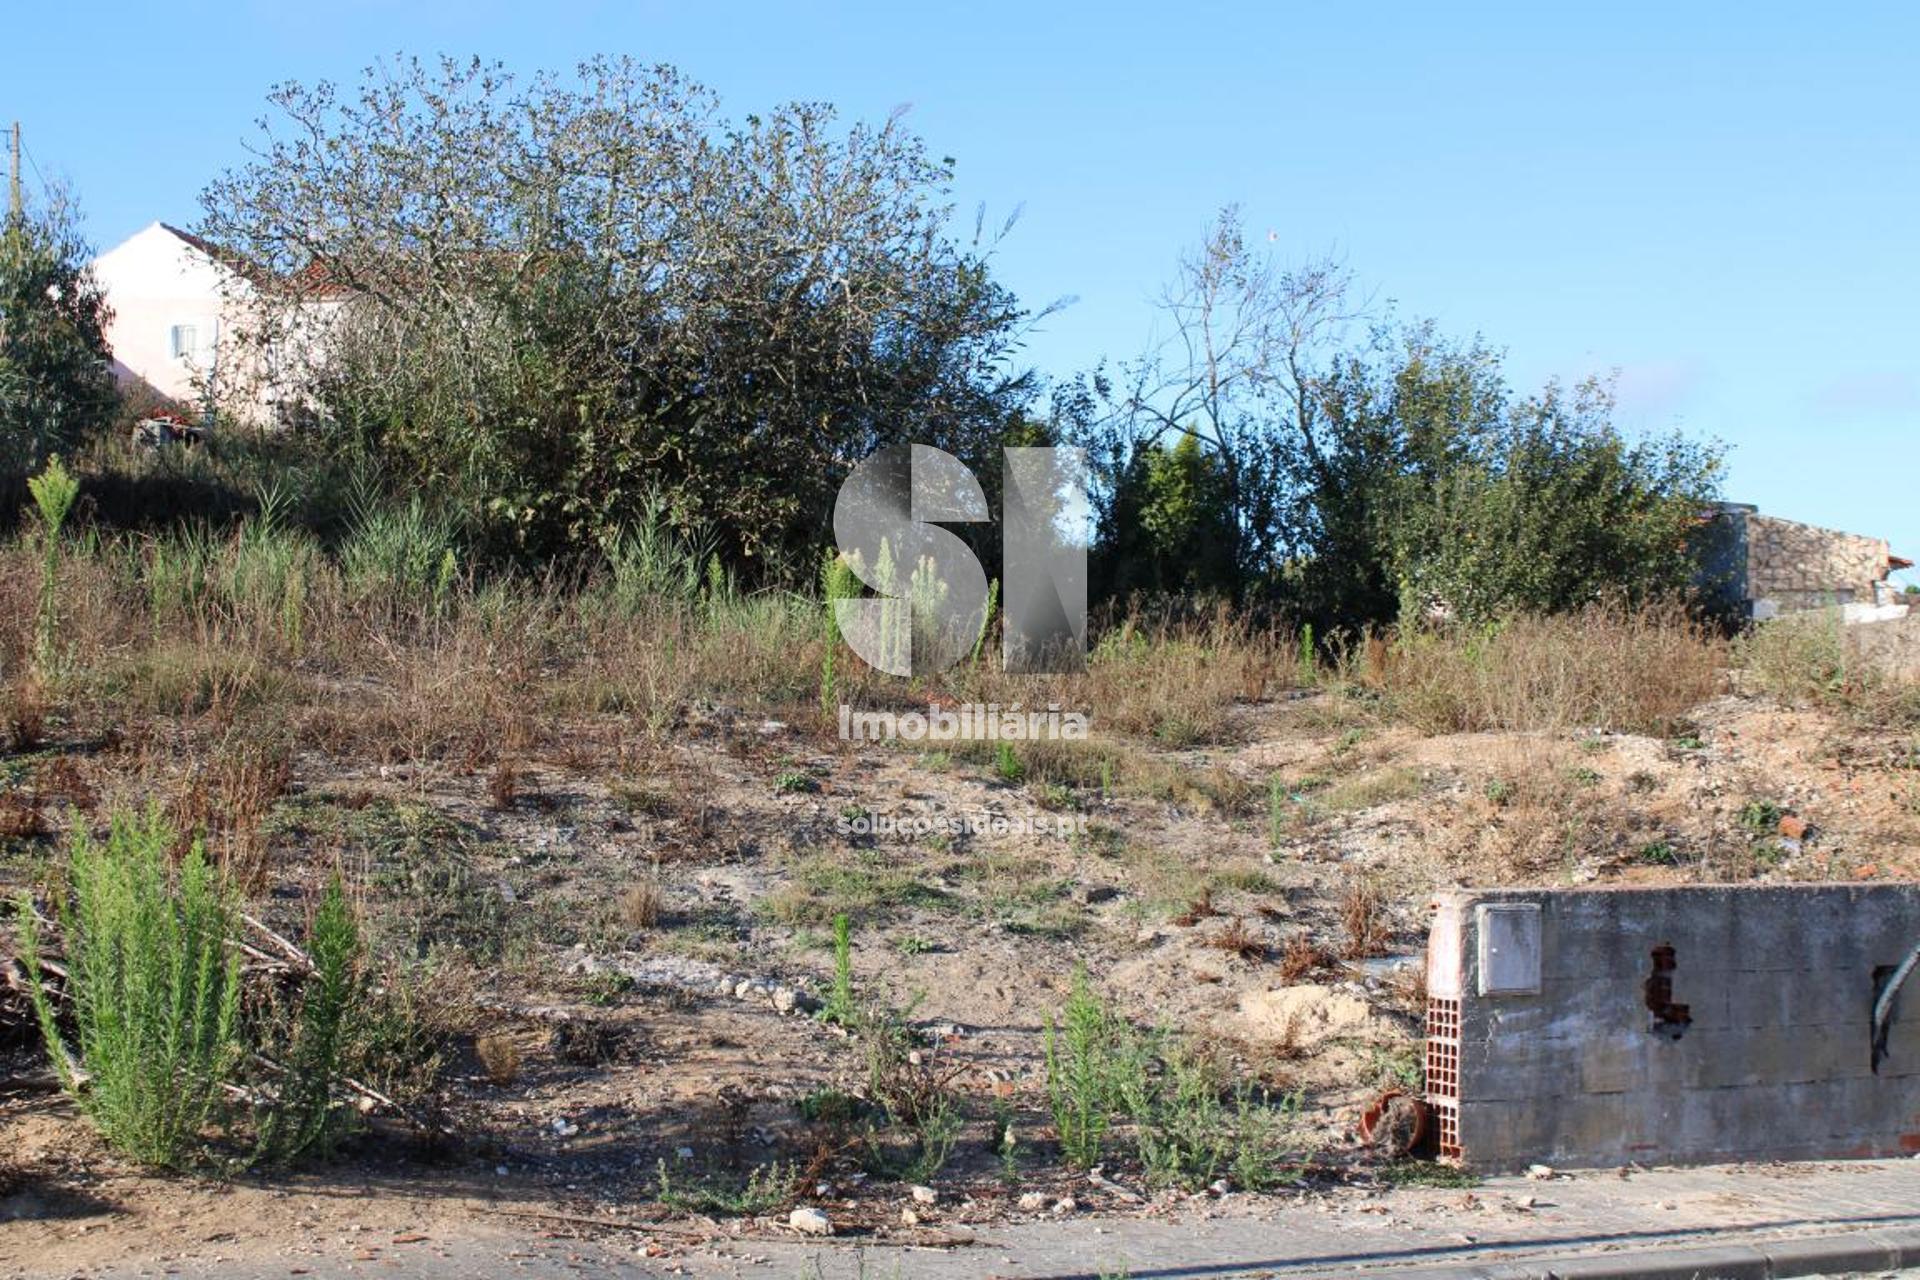 terreno para compra em lourinha uniao das freguesias de miragaia e marteleira LFCPM699_7